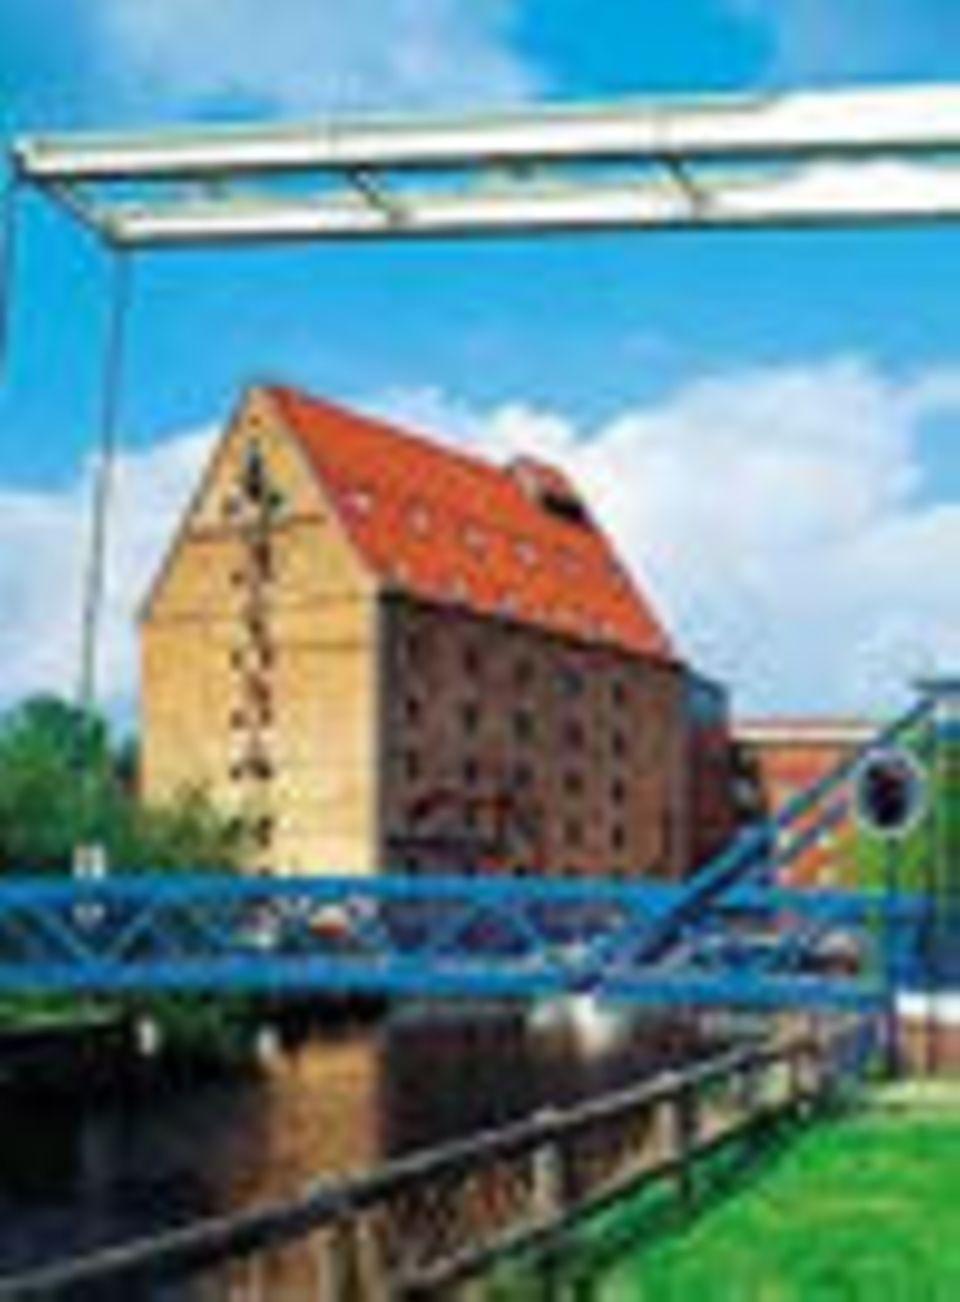 Das SORAT Hotel Humboldt-Mühle Berlin im Getreidespeicher.